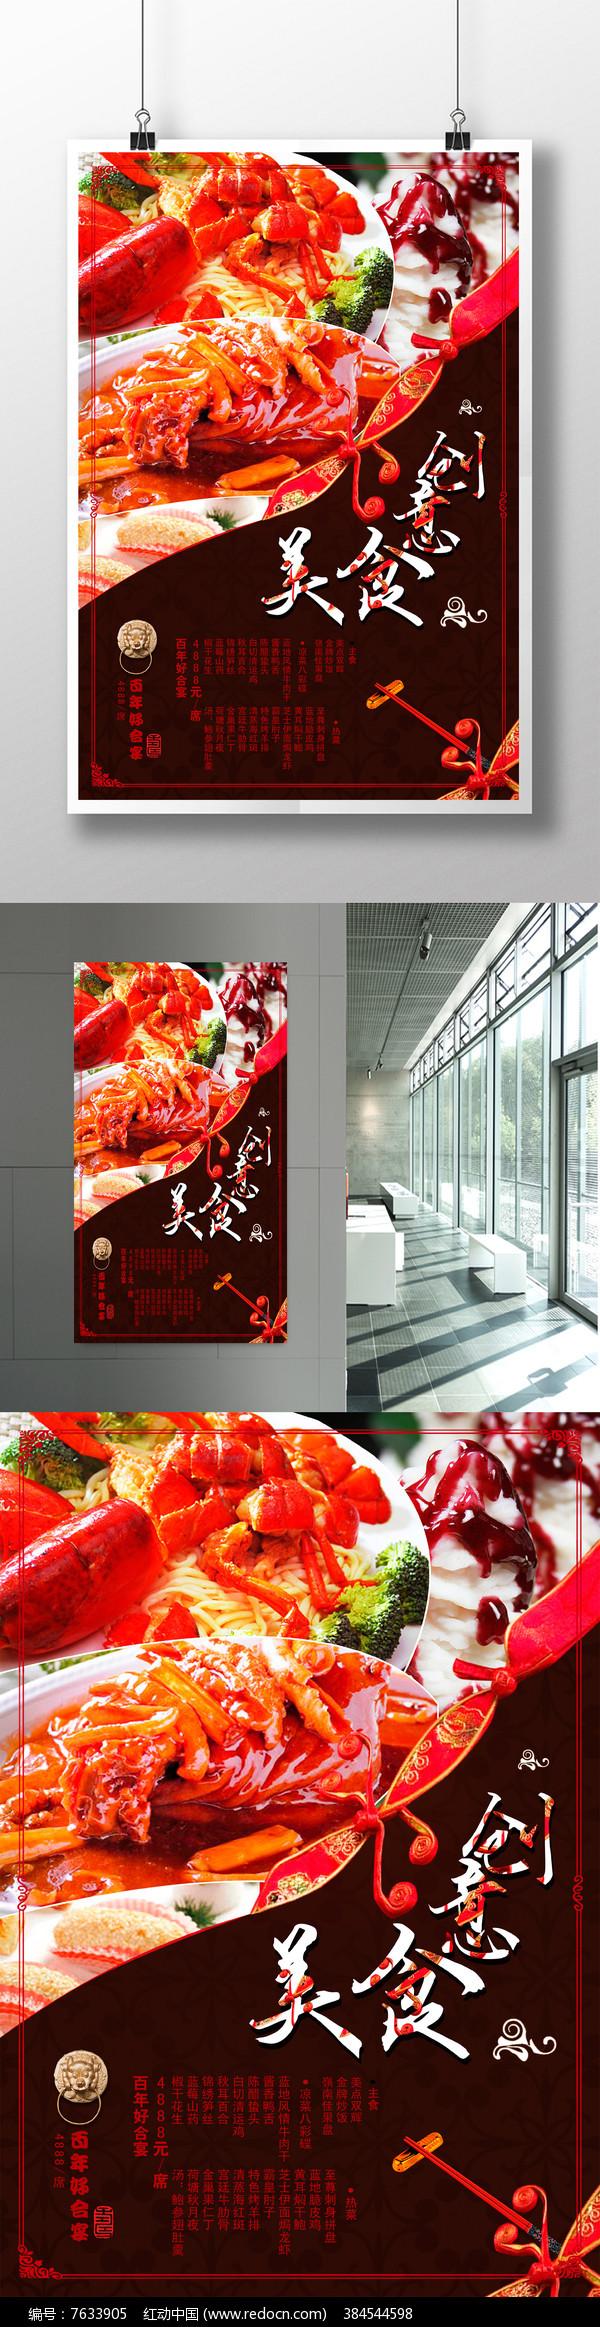 中国风特色创意美食海报图片